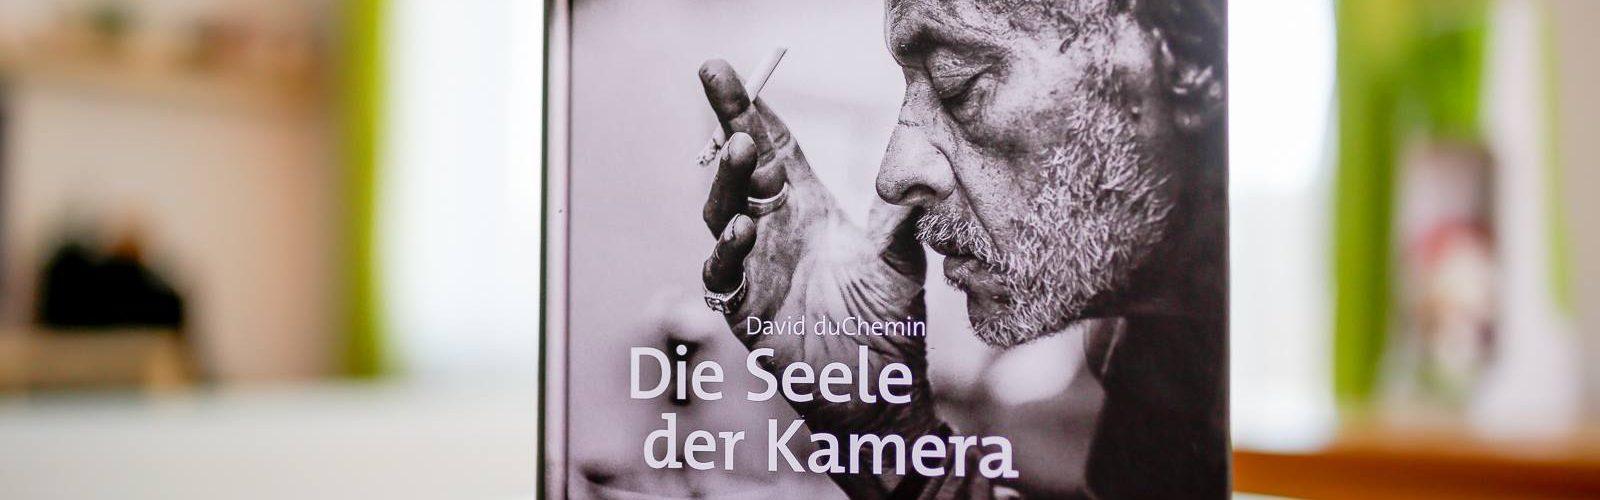 Die Seele der Kamera - David duChemin